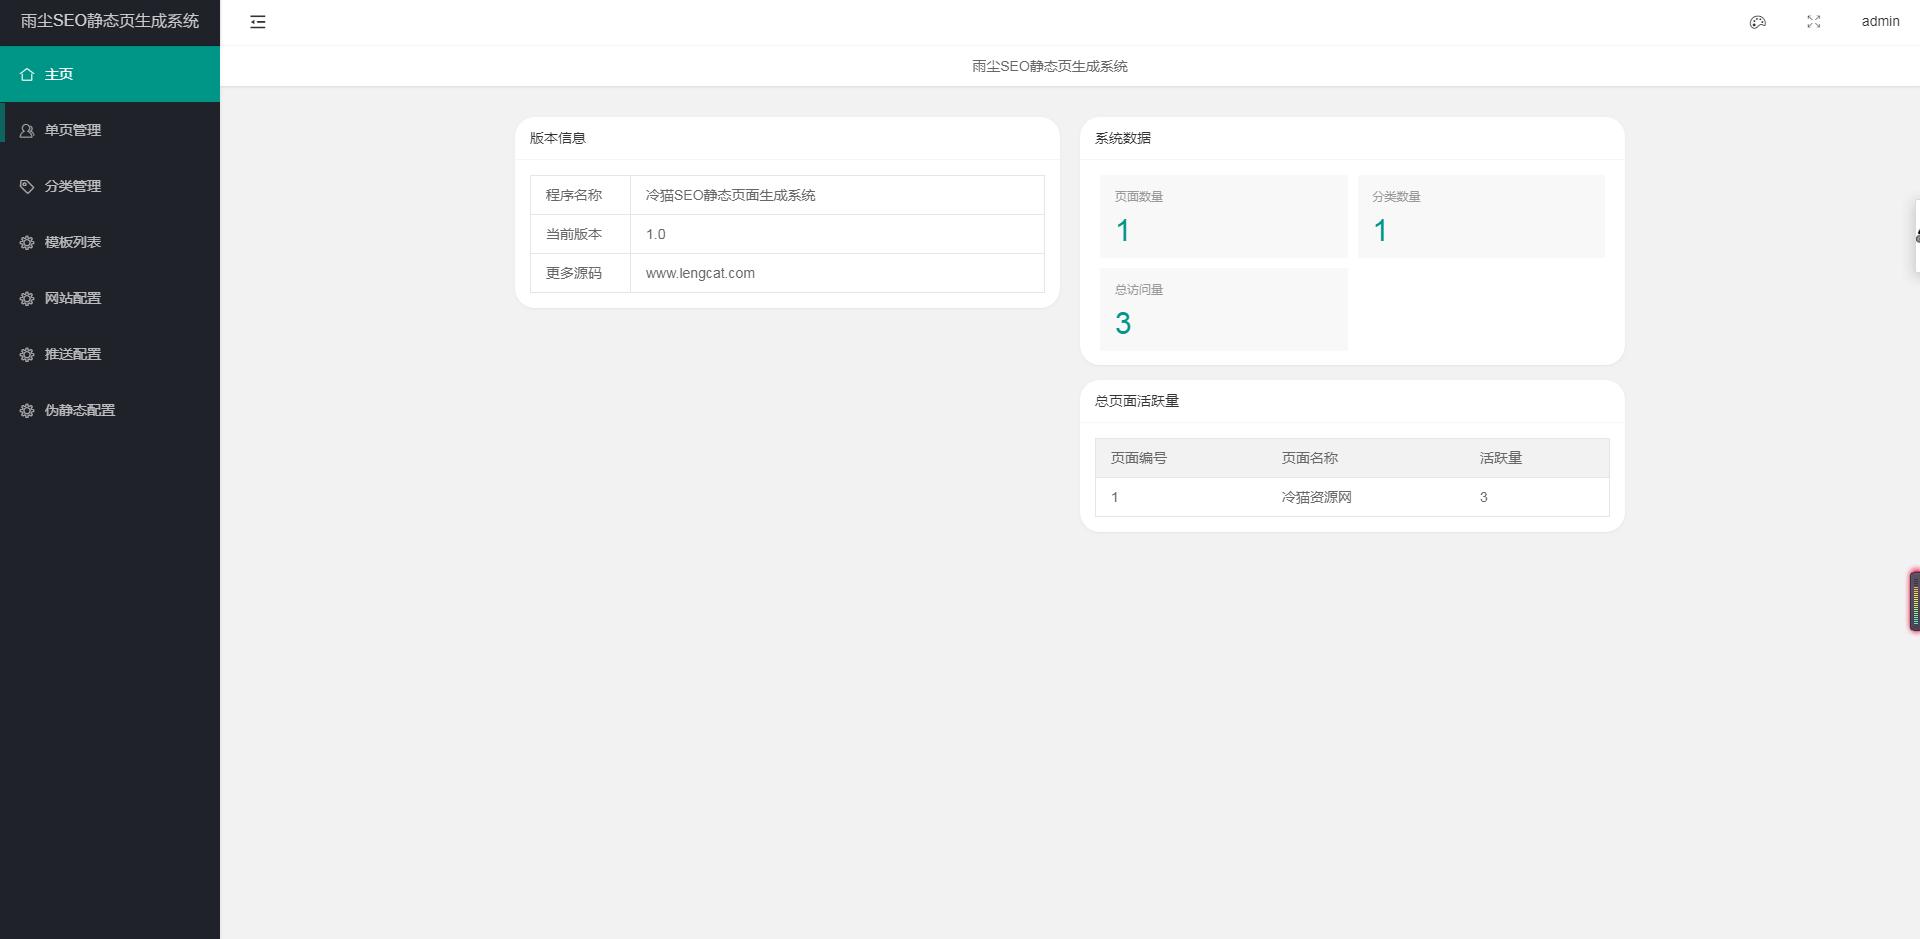 亲测丨雨尘SEO静态页面生成系统php源码最新版本源码v1.3